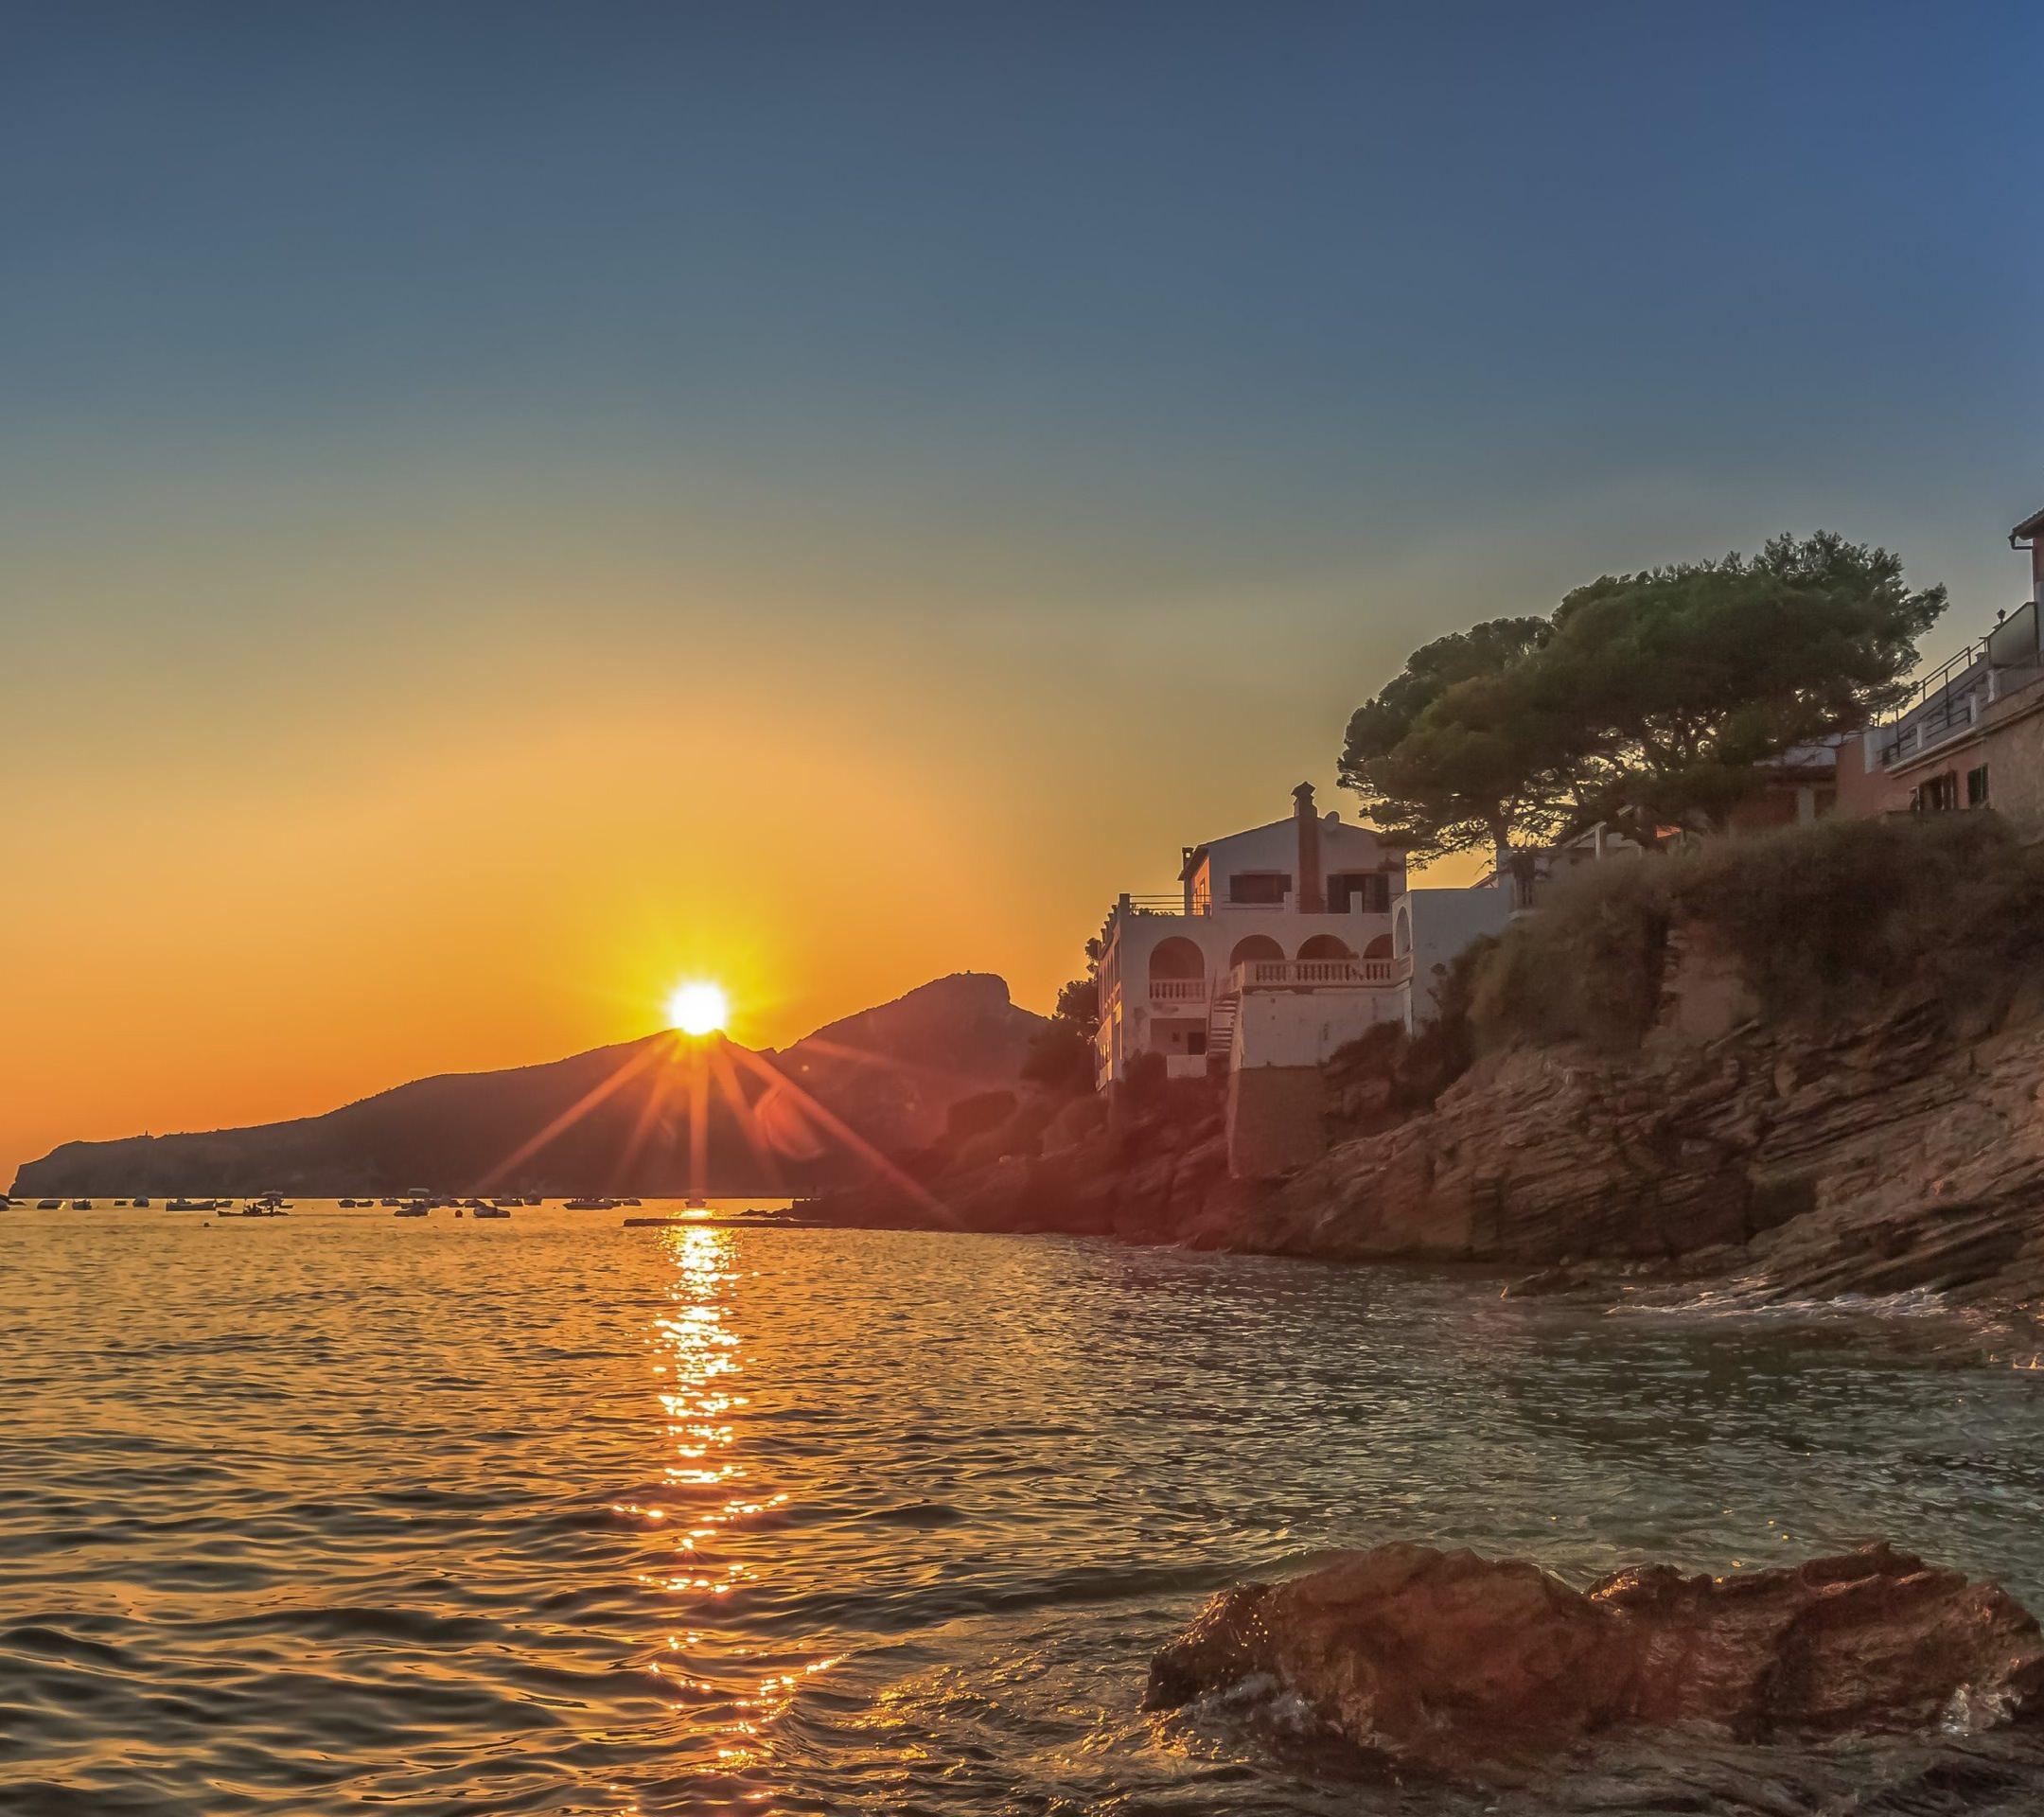 Pemandangan Laut Matahari Terbenam Wallpapersc Android